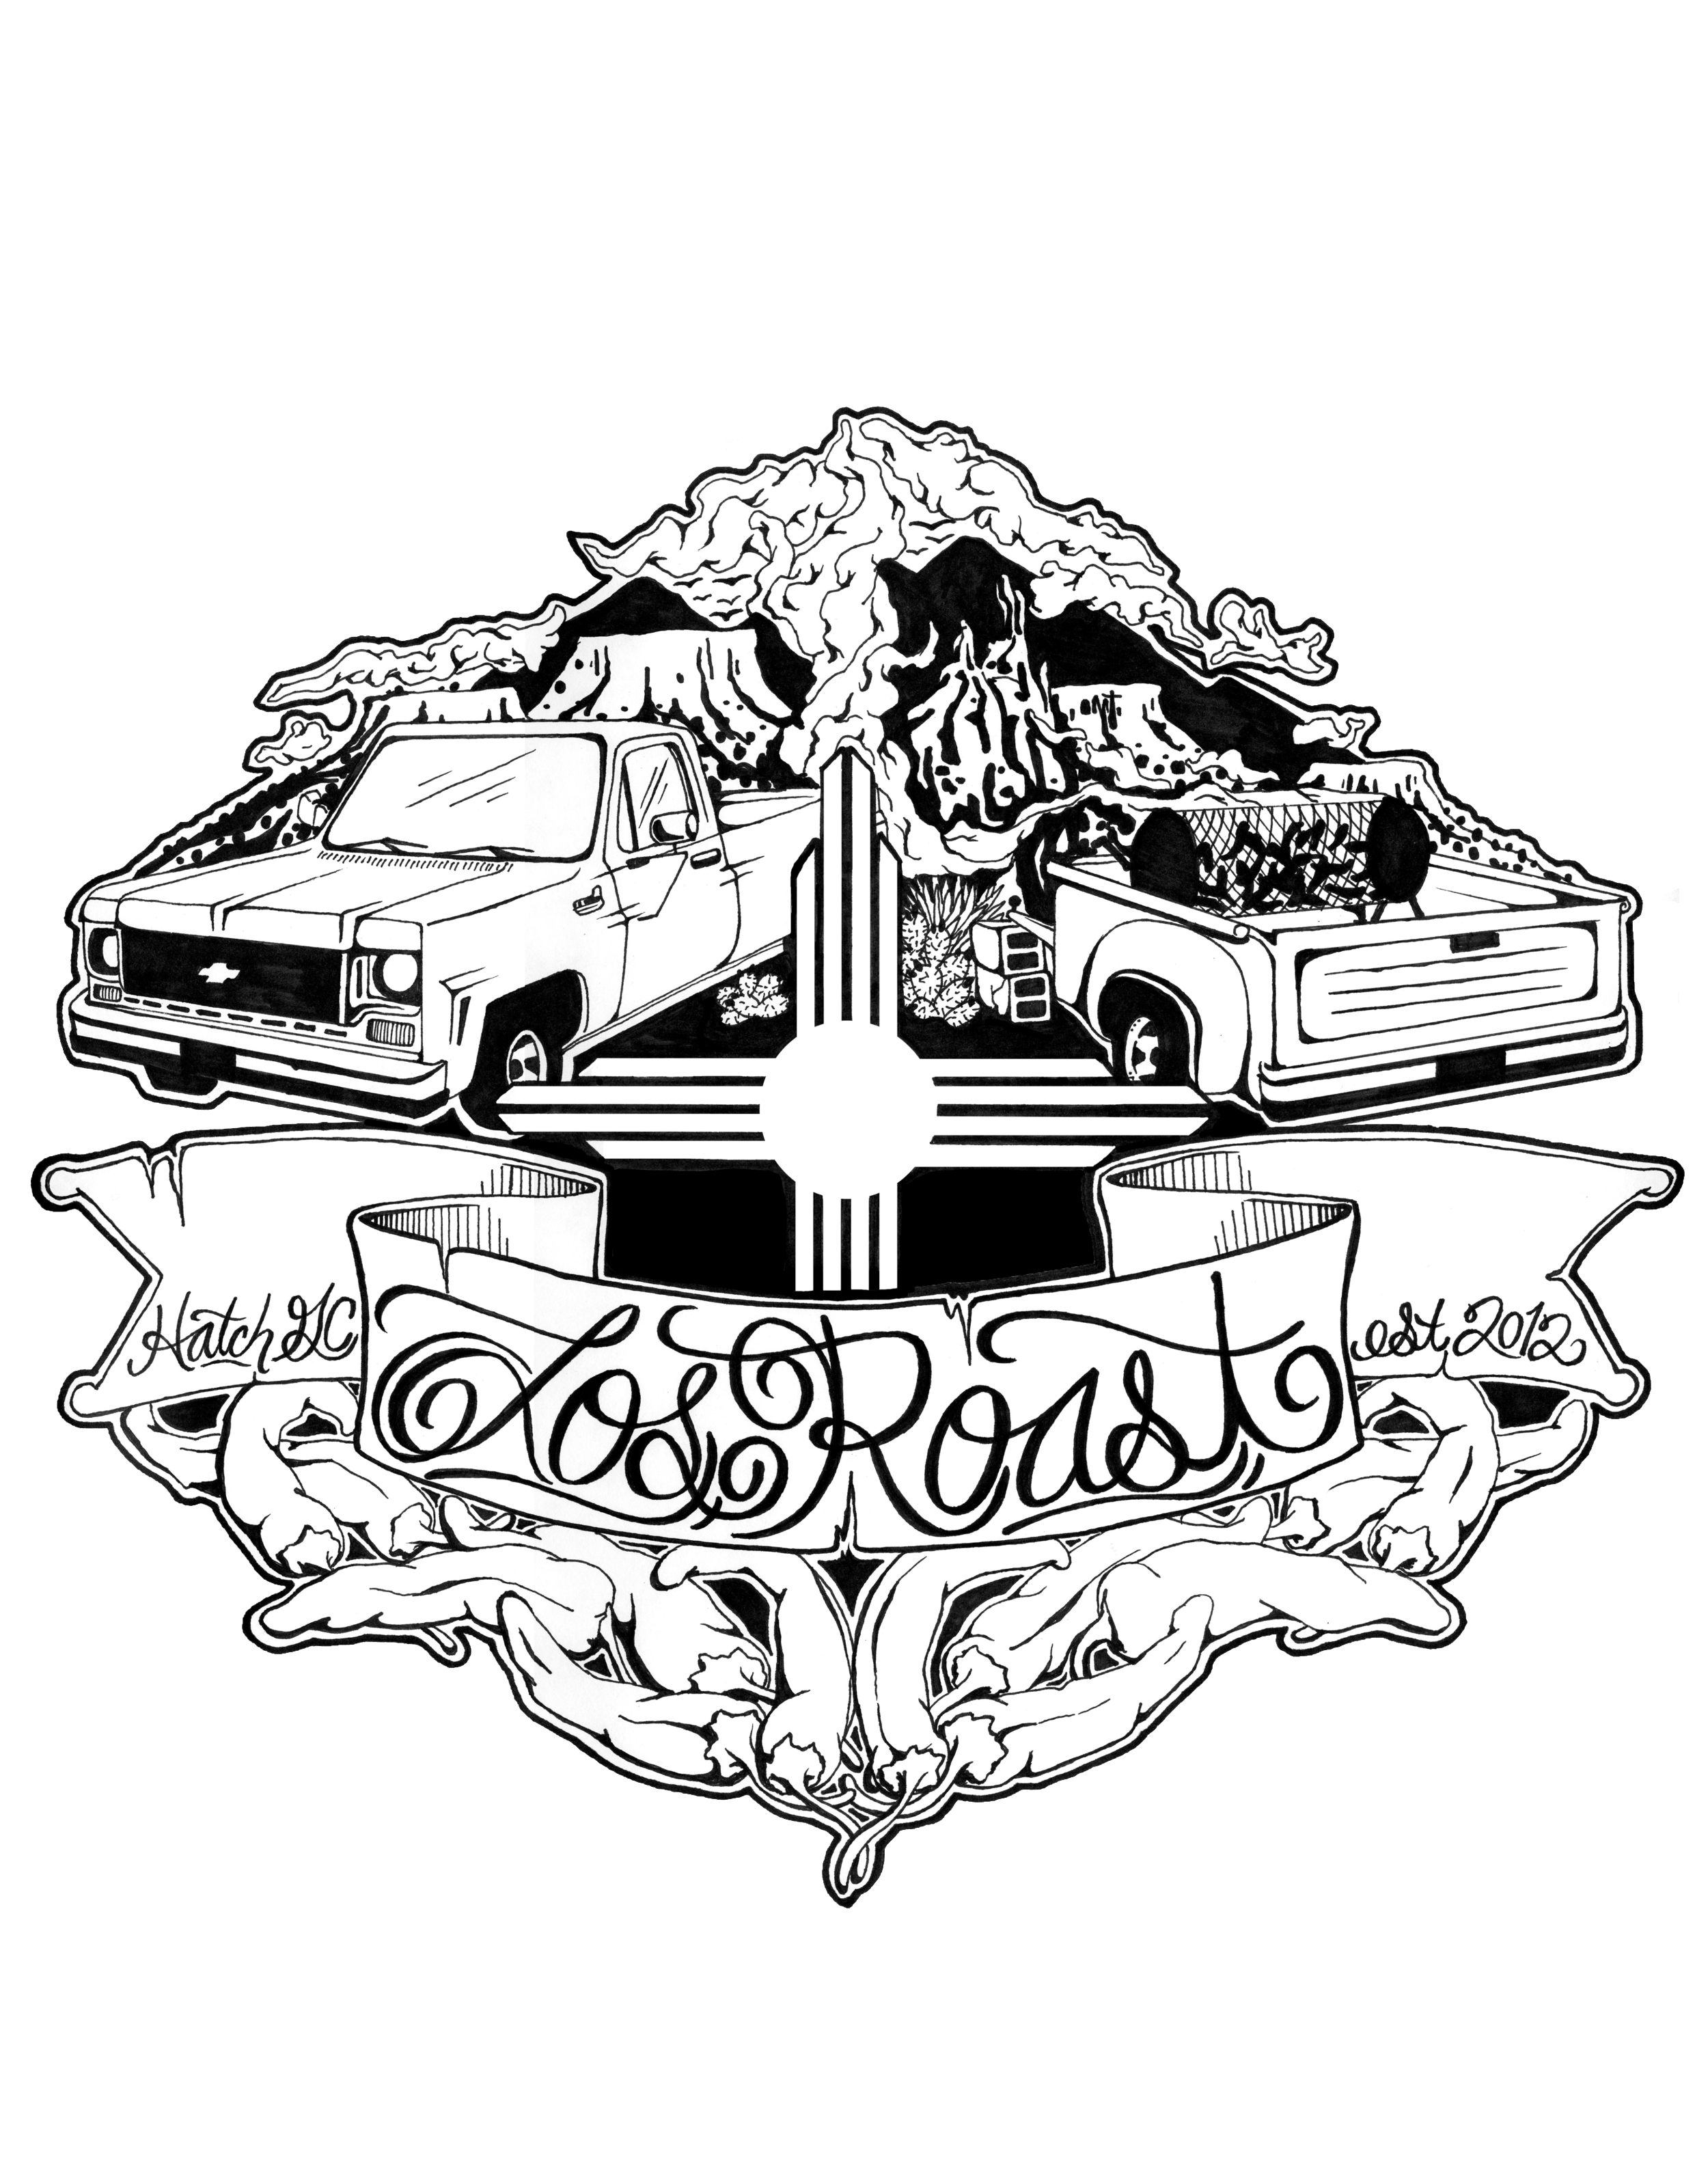 Our original logo.